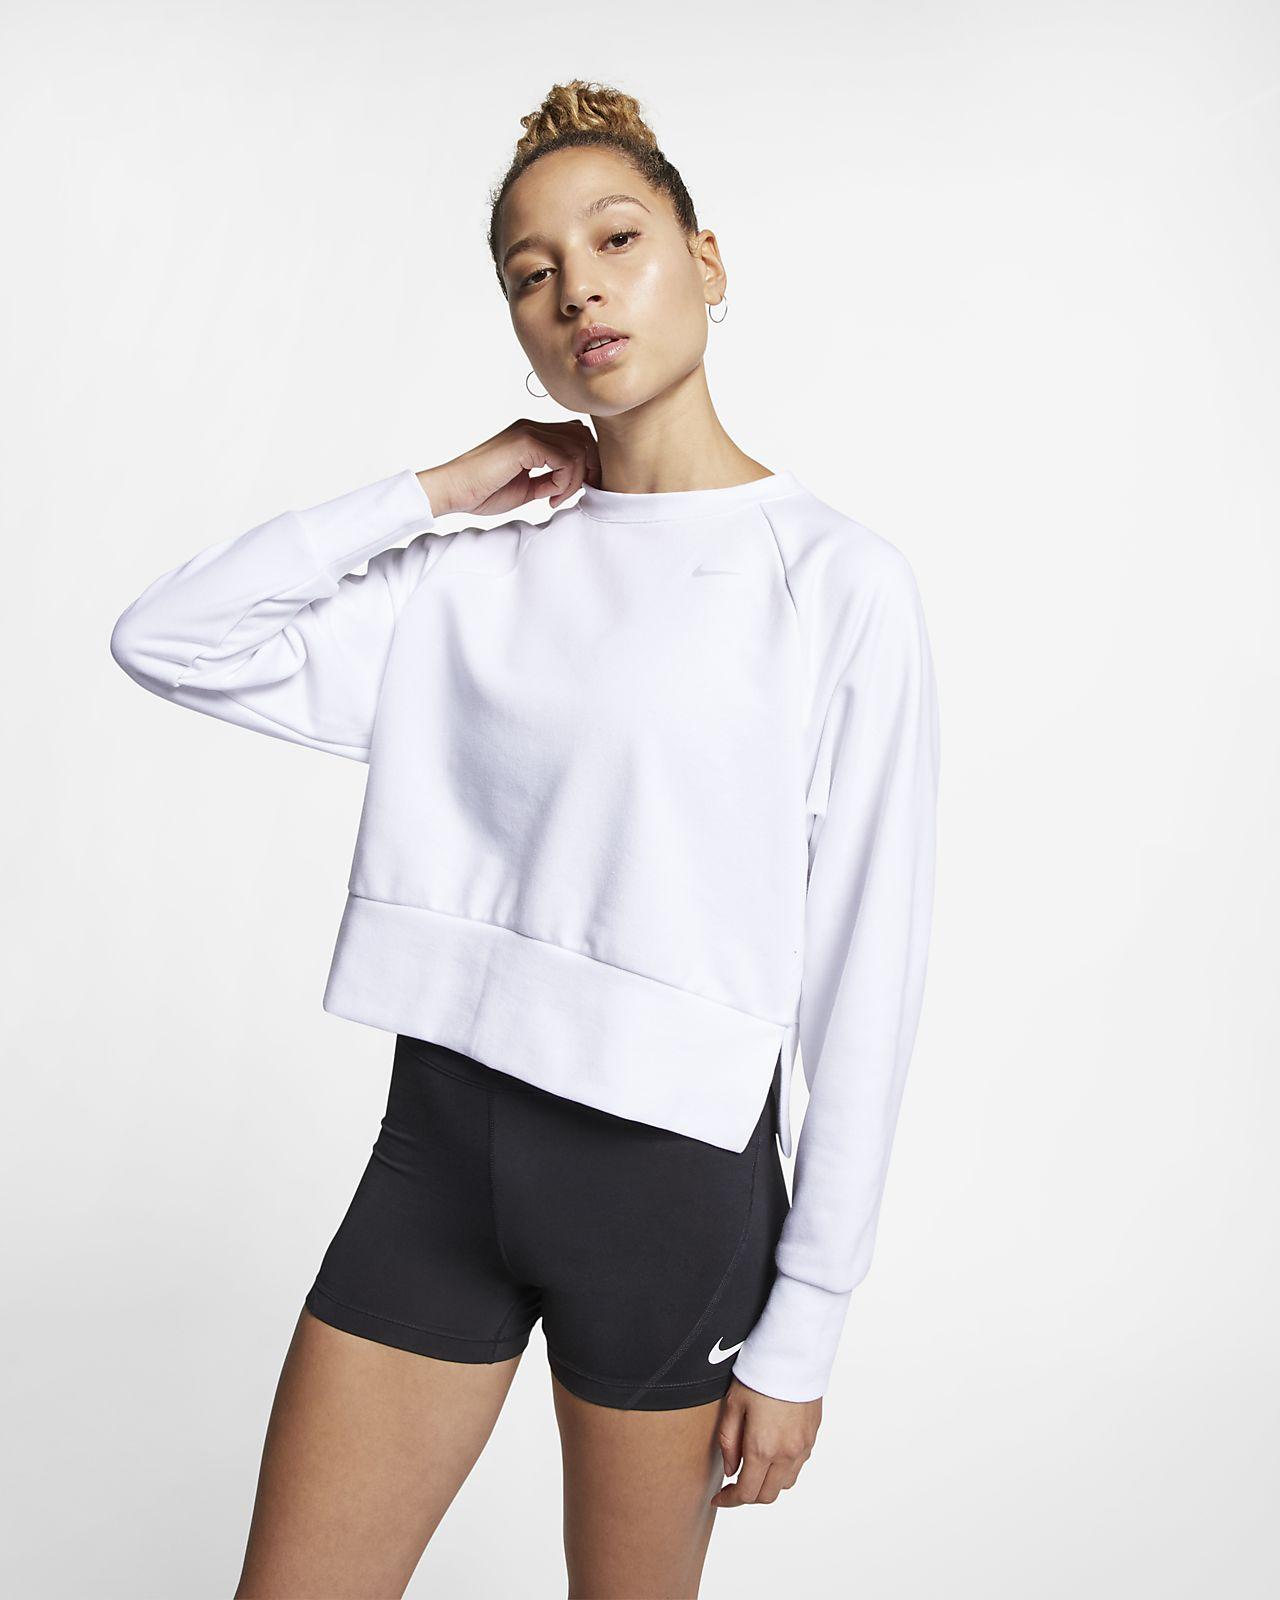 Haut d'entraînement de yoga à manches longues Nike Dri-FIT pour Femme